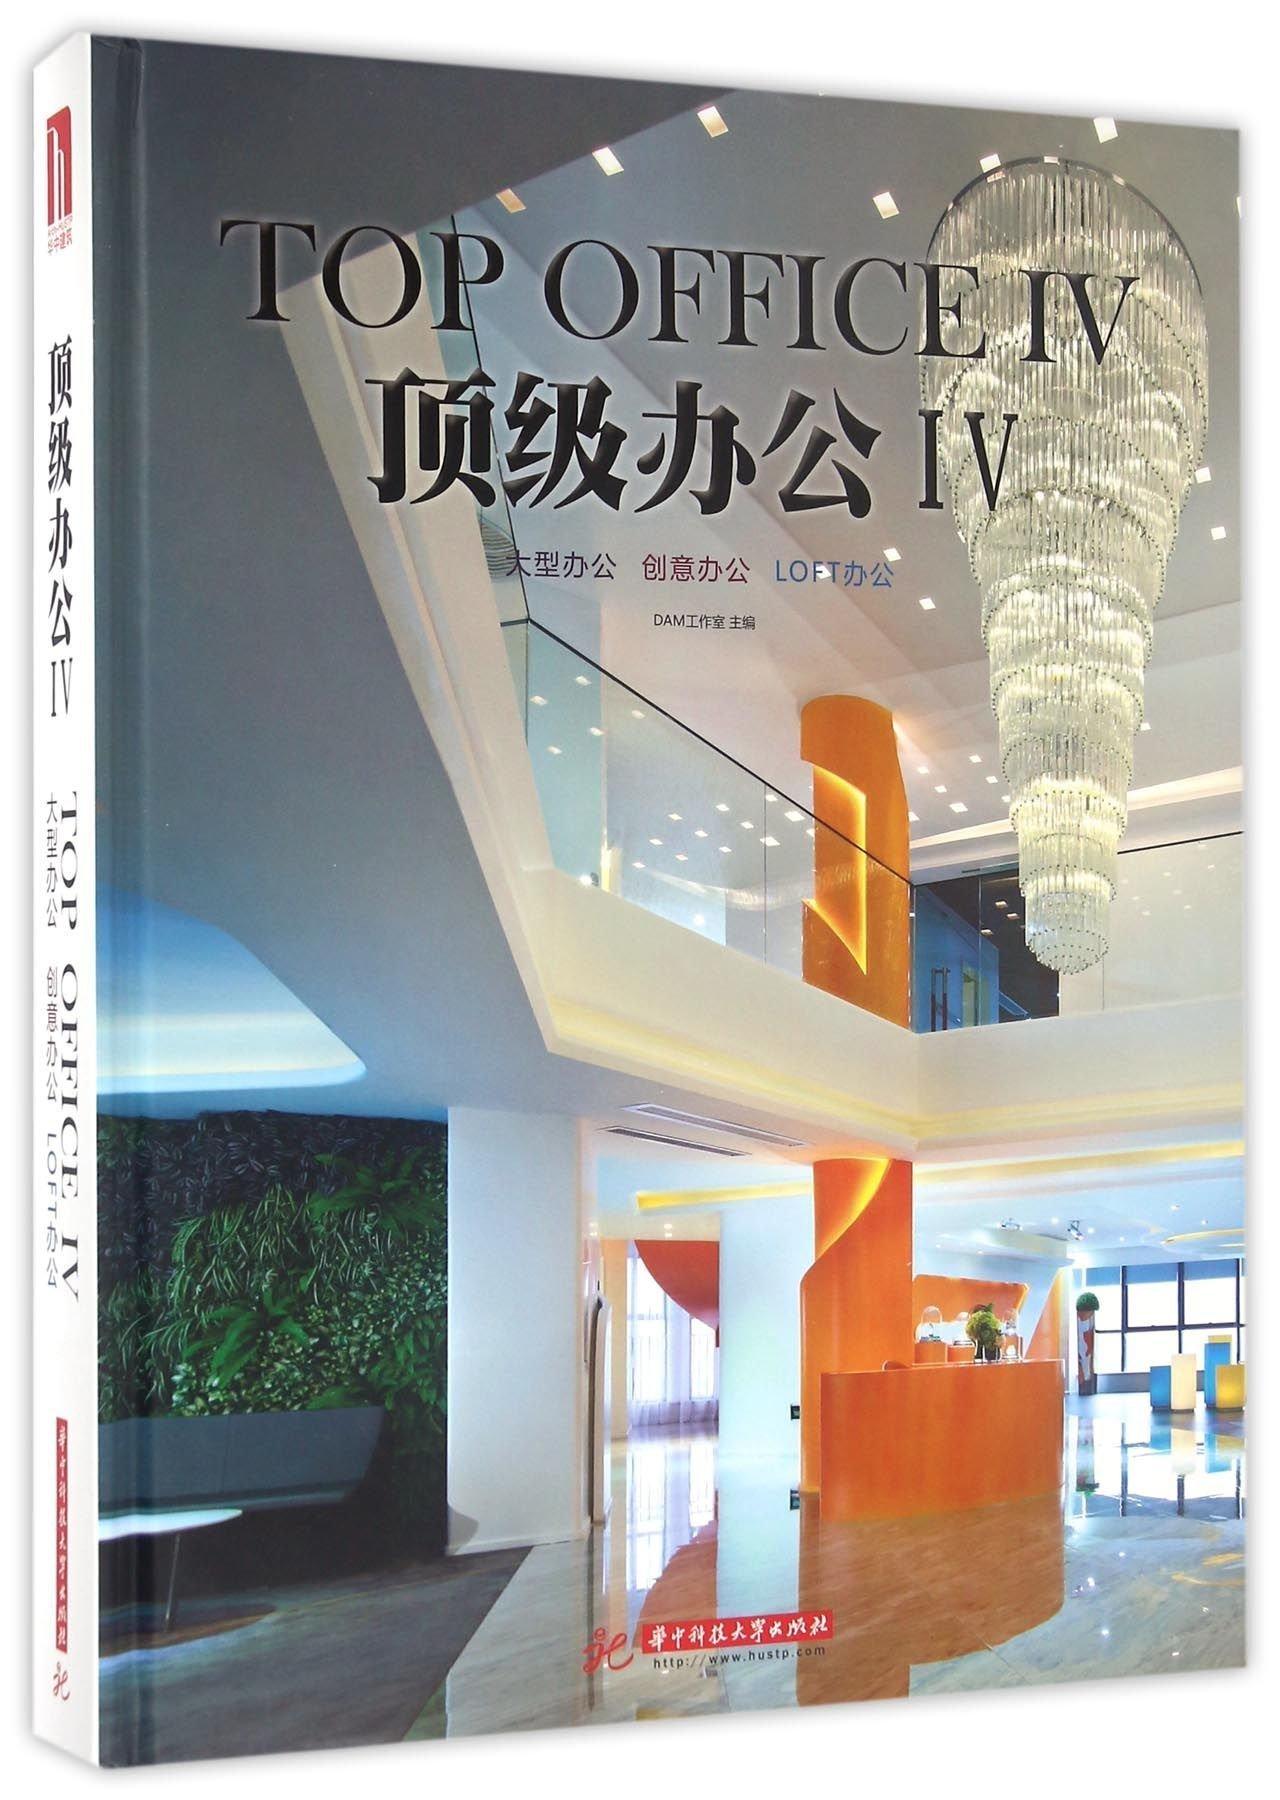 顶级办公(Ⅳ大型办公创意办公LOFT办公)(精) ebook